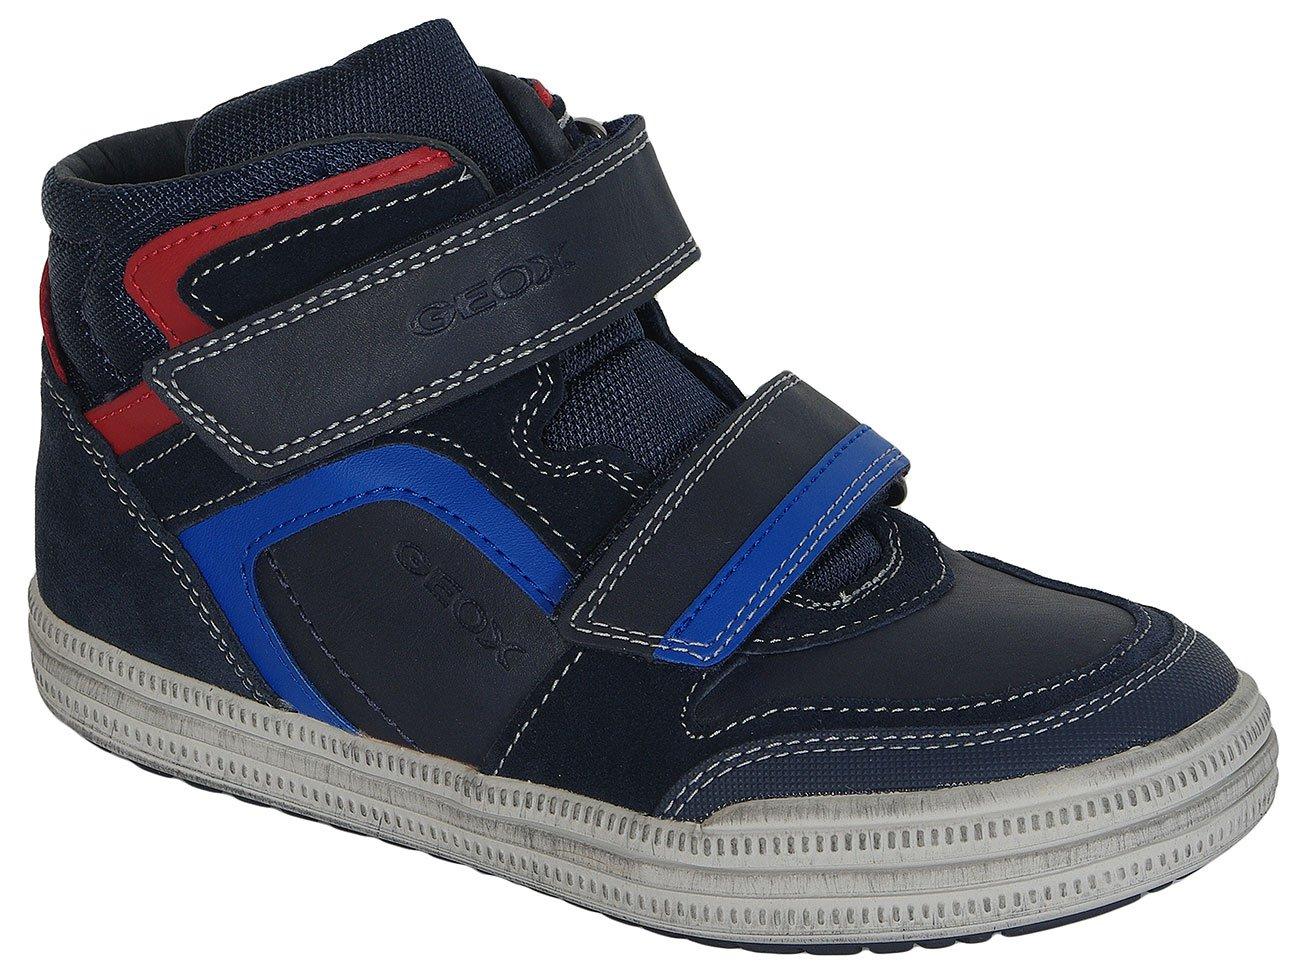 GEOX Elvis H Geobuck+Suede Navy/Royal sneakers